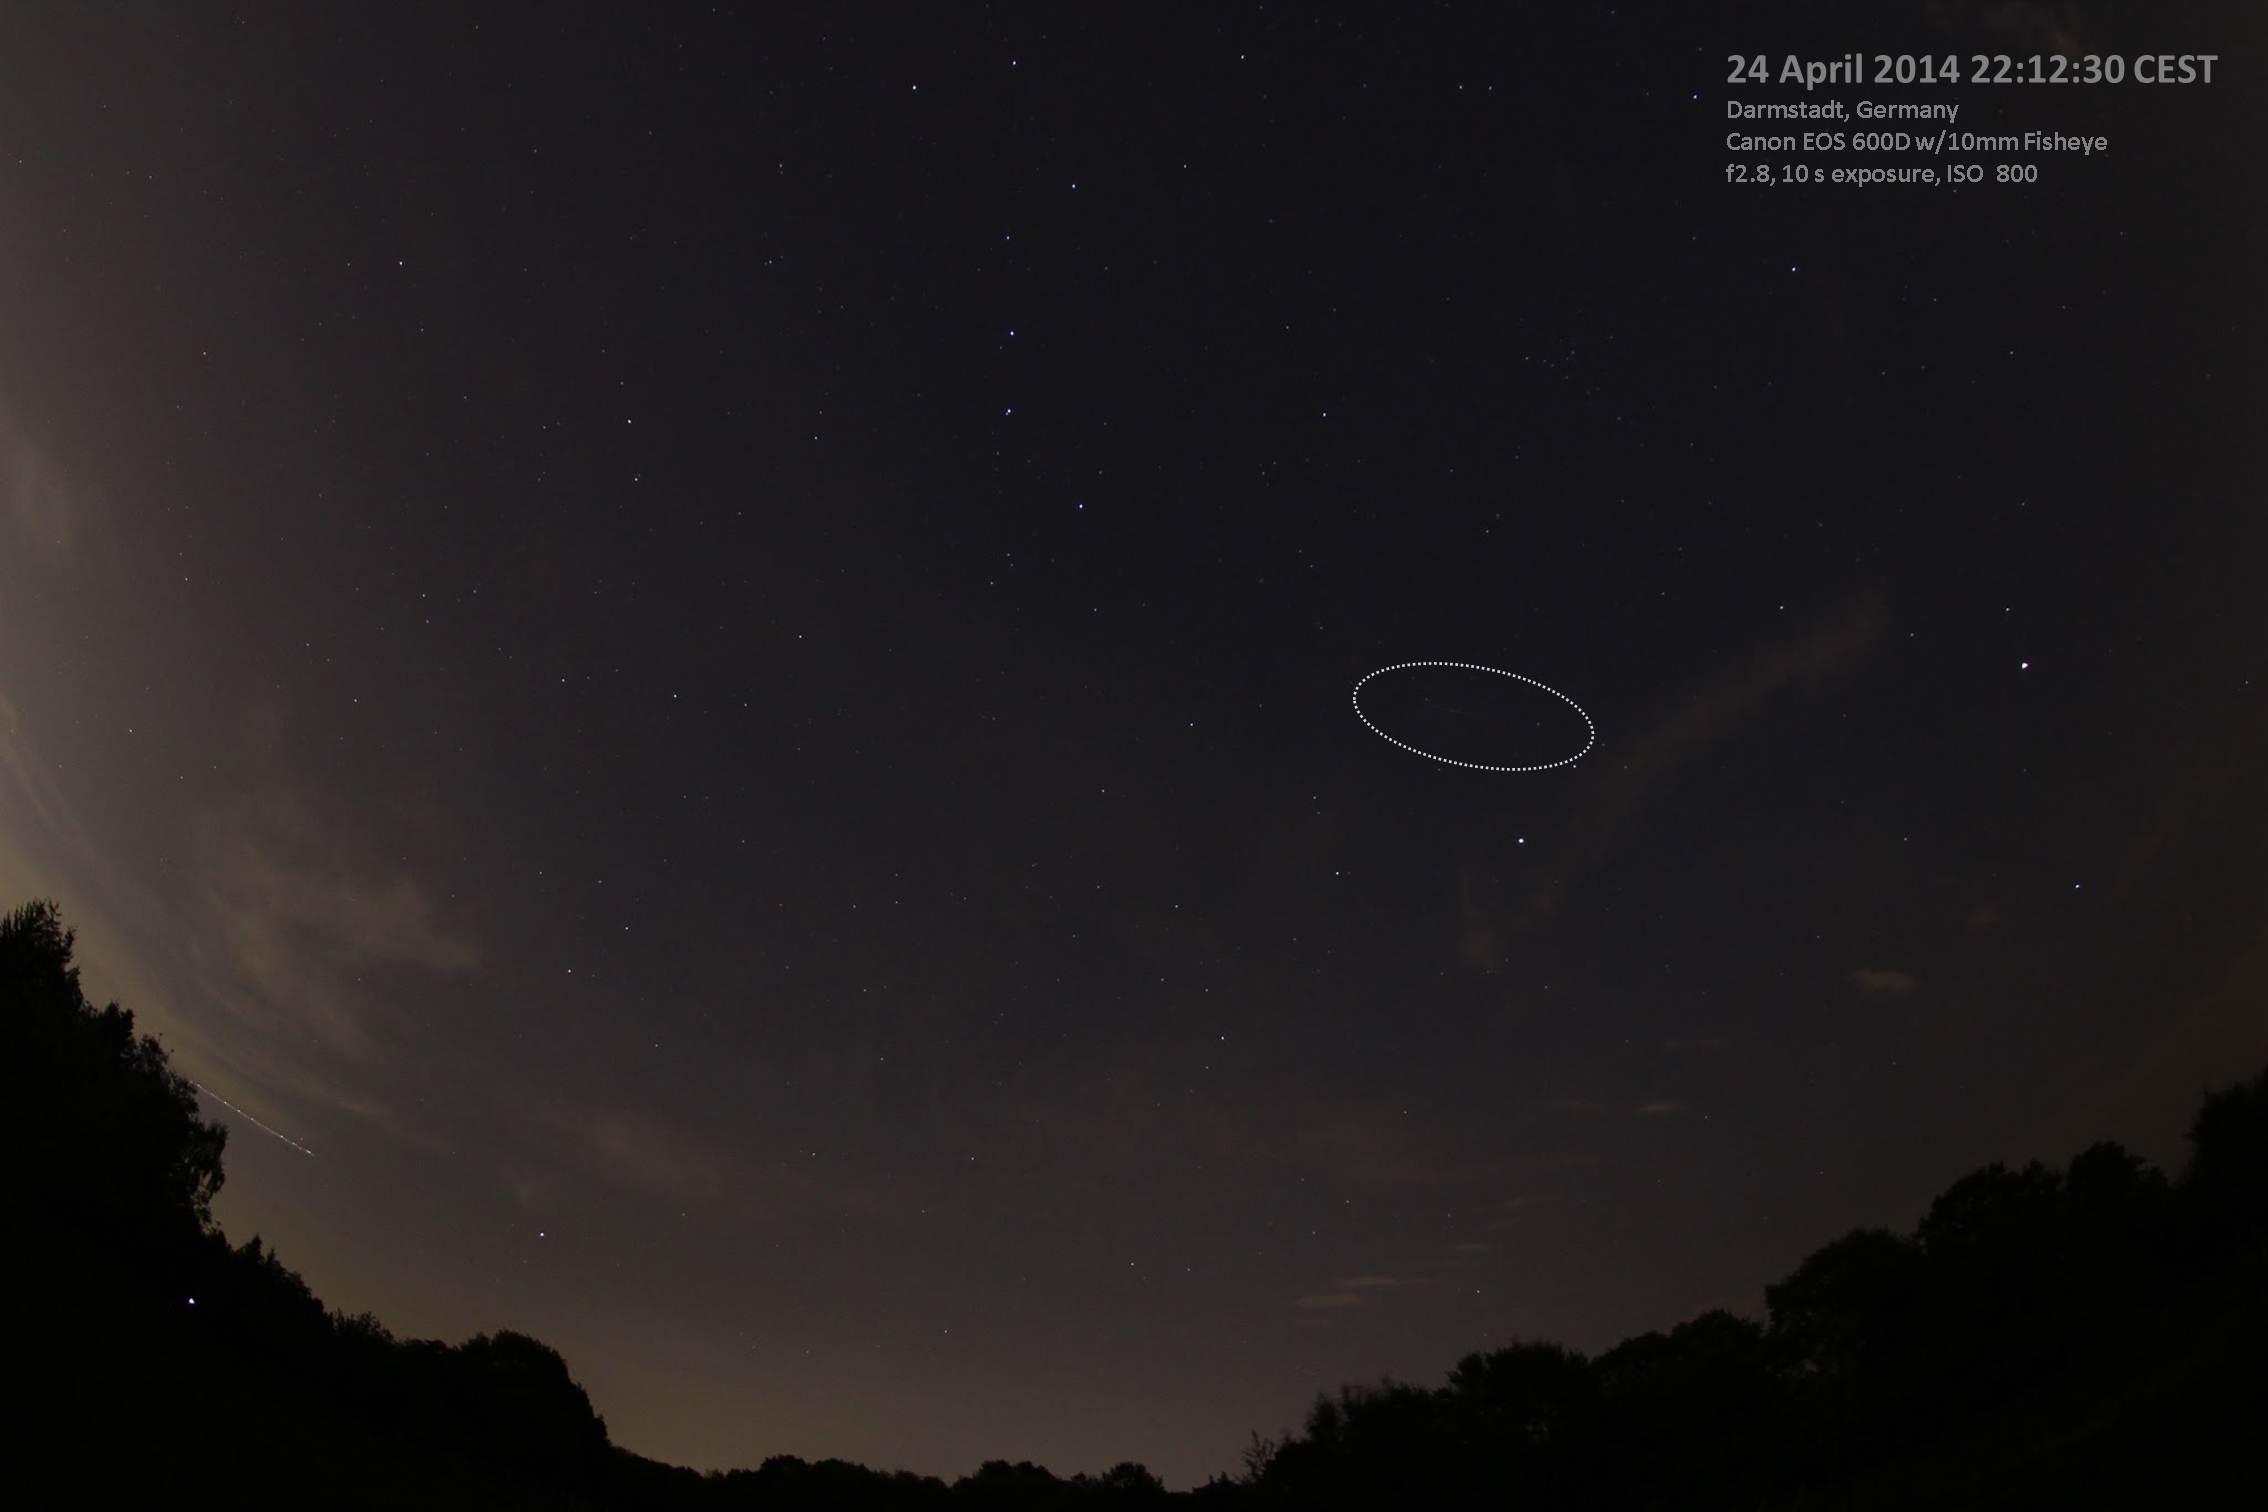 Strichspur von Envisat über Darmstadt am Abend des 24. April 2014, 22:12:30 MESZ. Canon EOS 600D, canon 10 mm F2.8 EX Fisheye-Objektiv, ISO 800, Blende 2.8, 10 s Belichtungsdauer